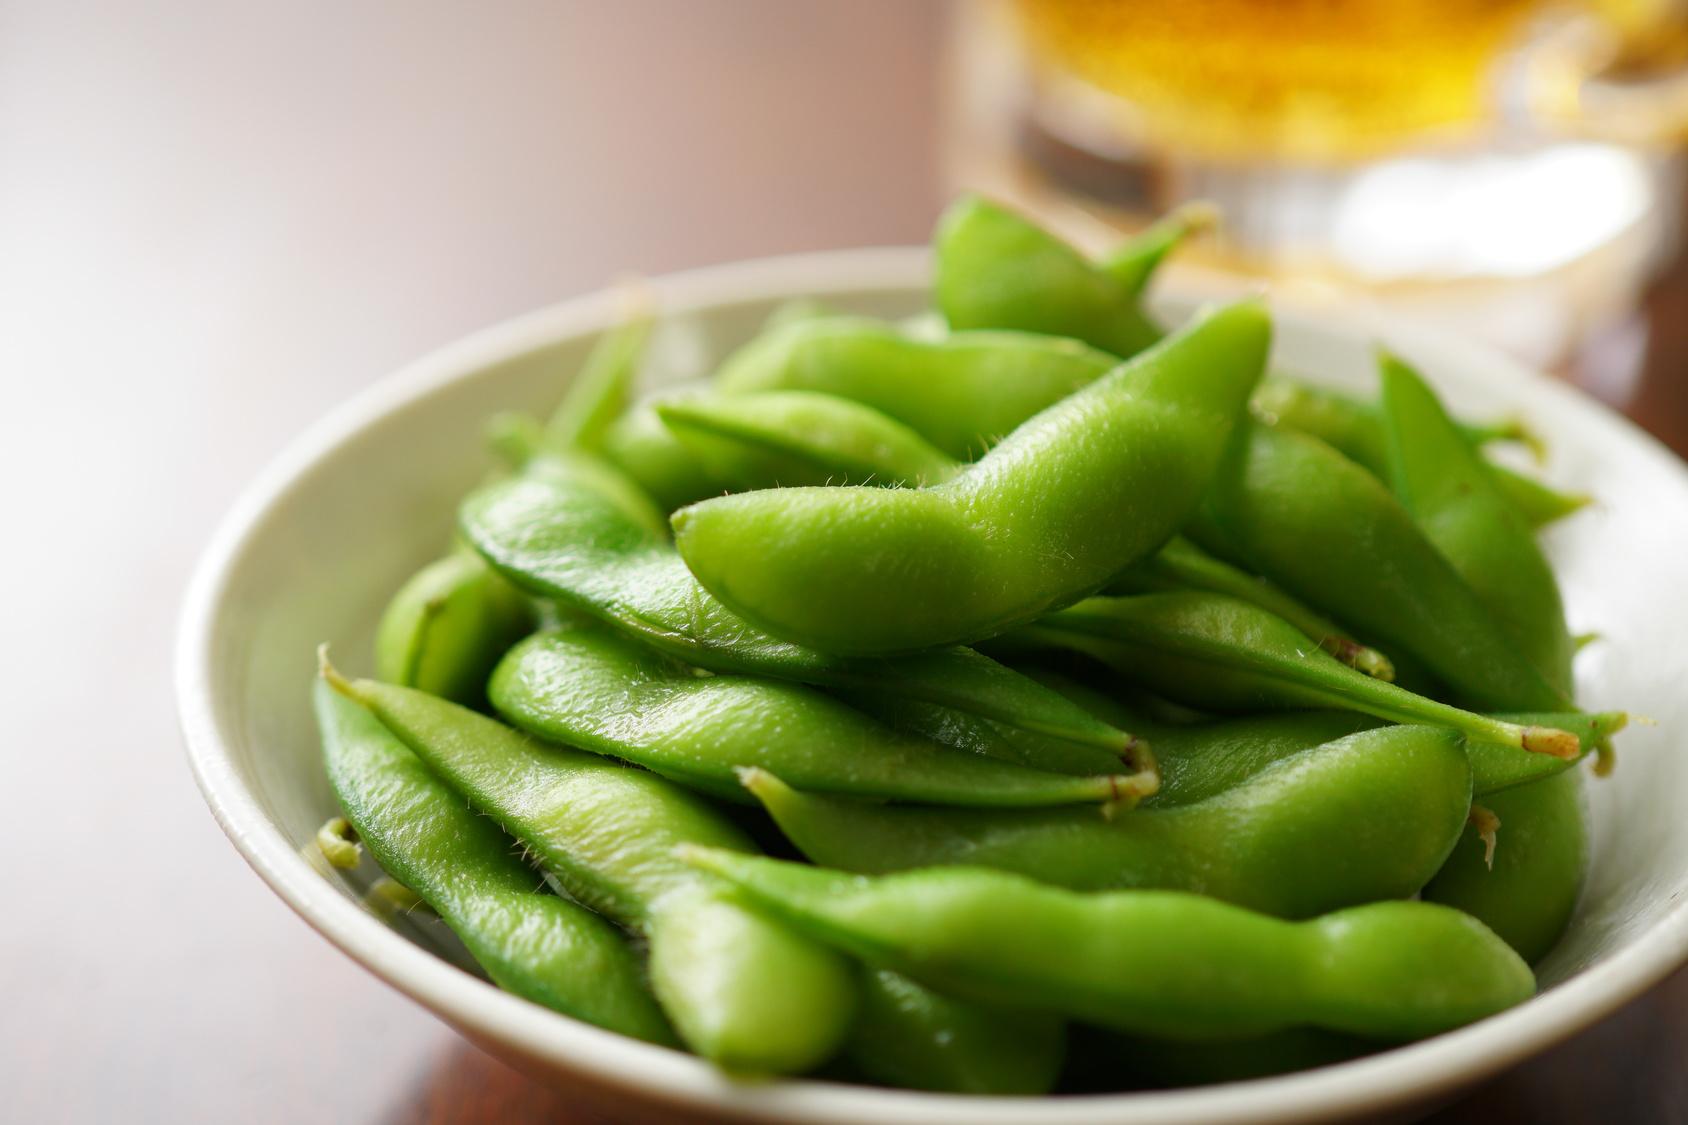 夏野菜を愛犬にあげよう!犬は枝豆を食べても大丈夫?